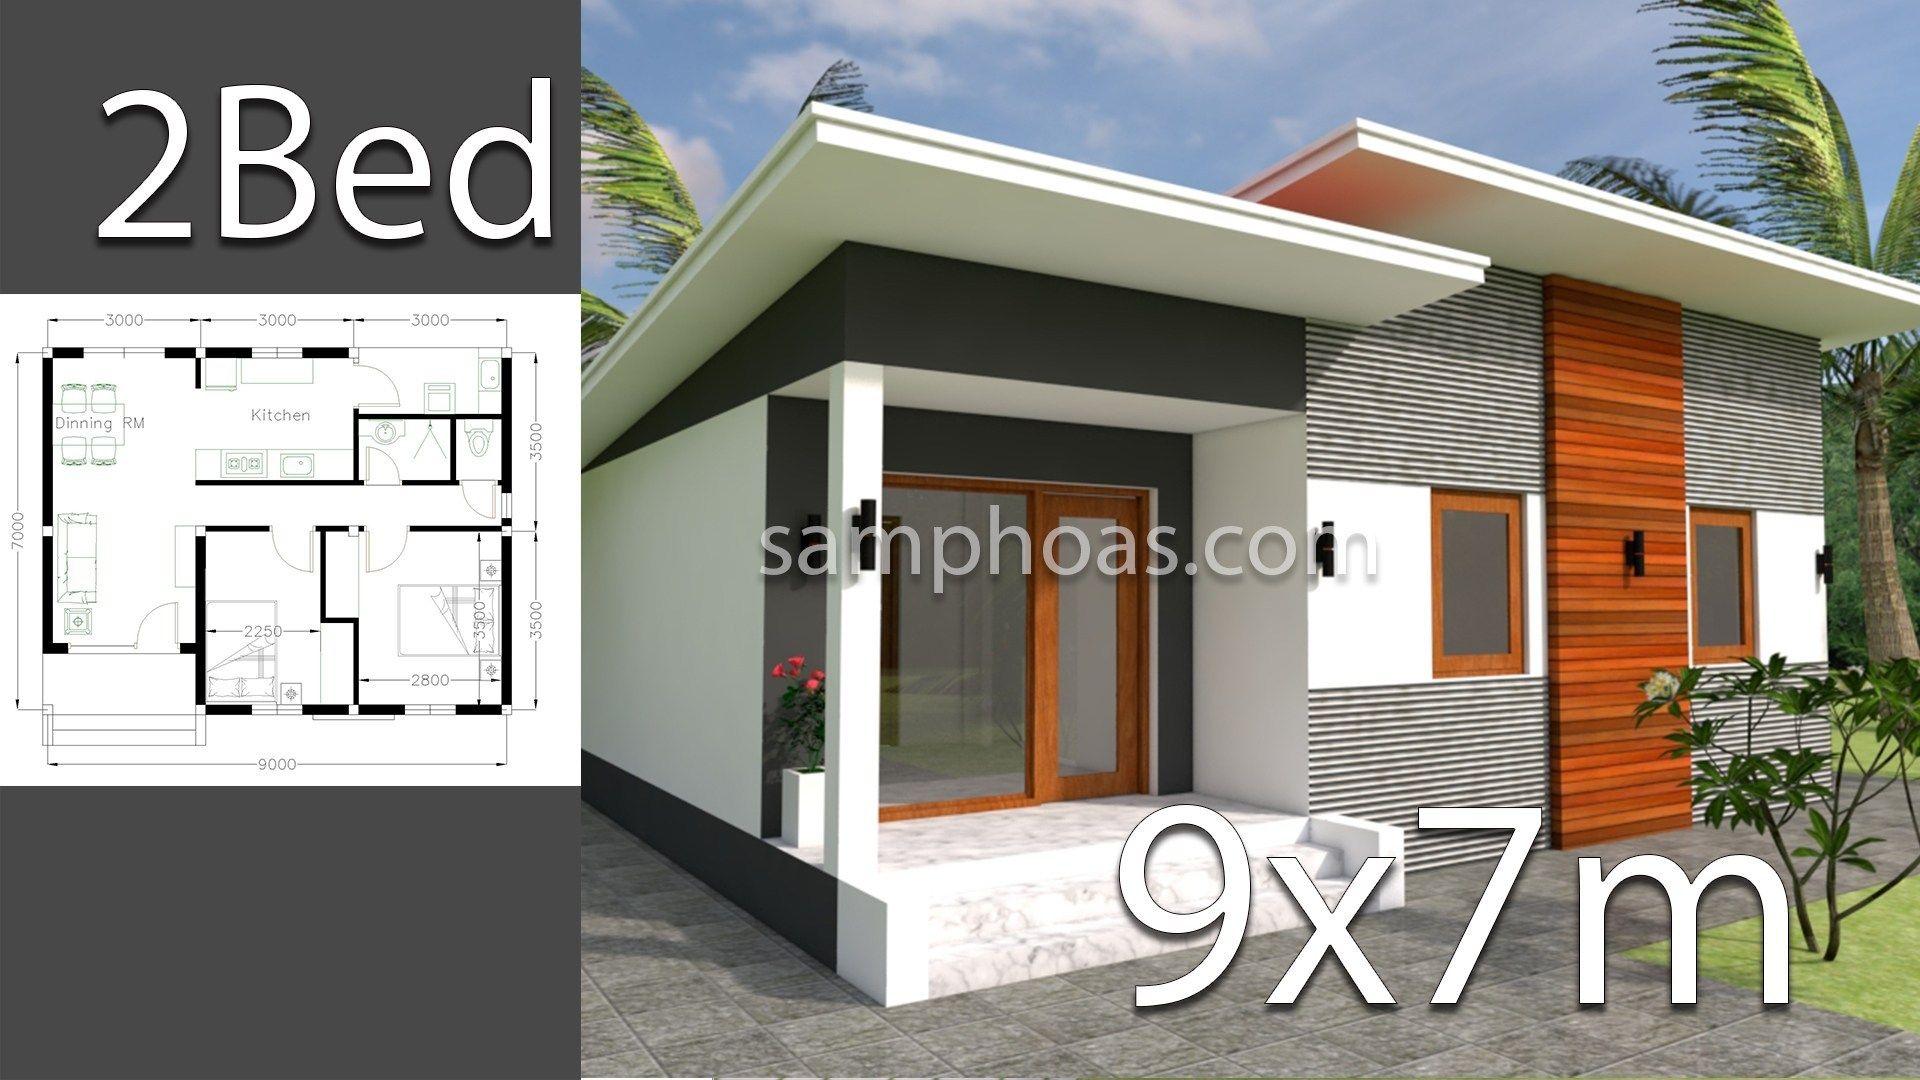 House Plans 9x7m With 2 Bedrooms Plan Maison Architecte